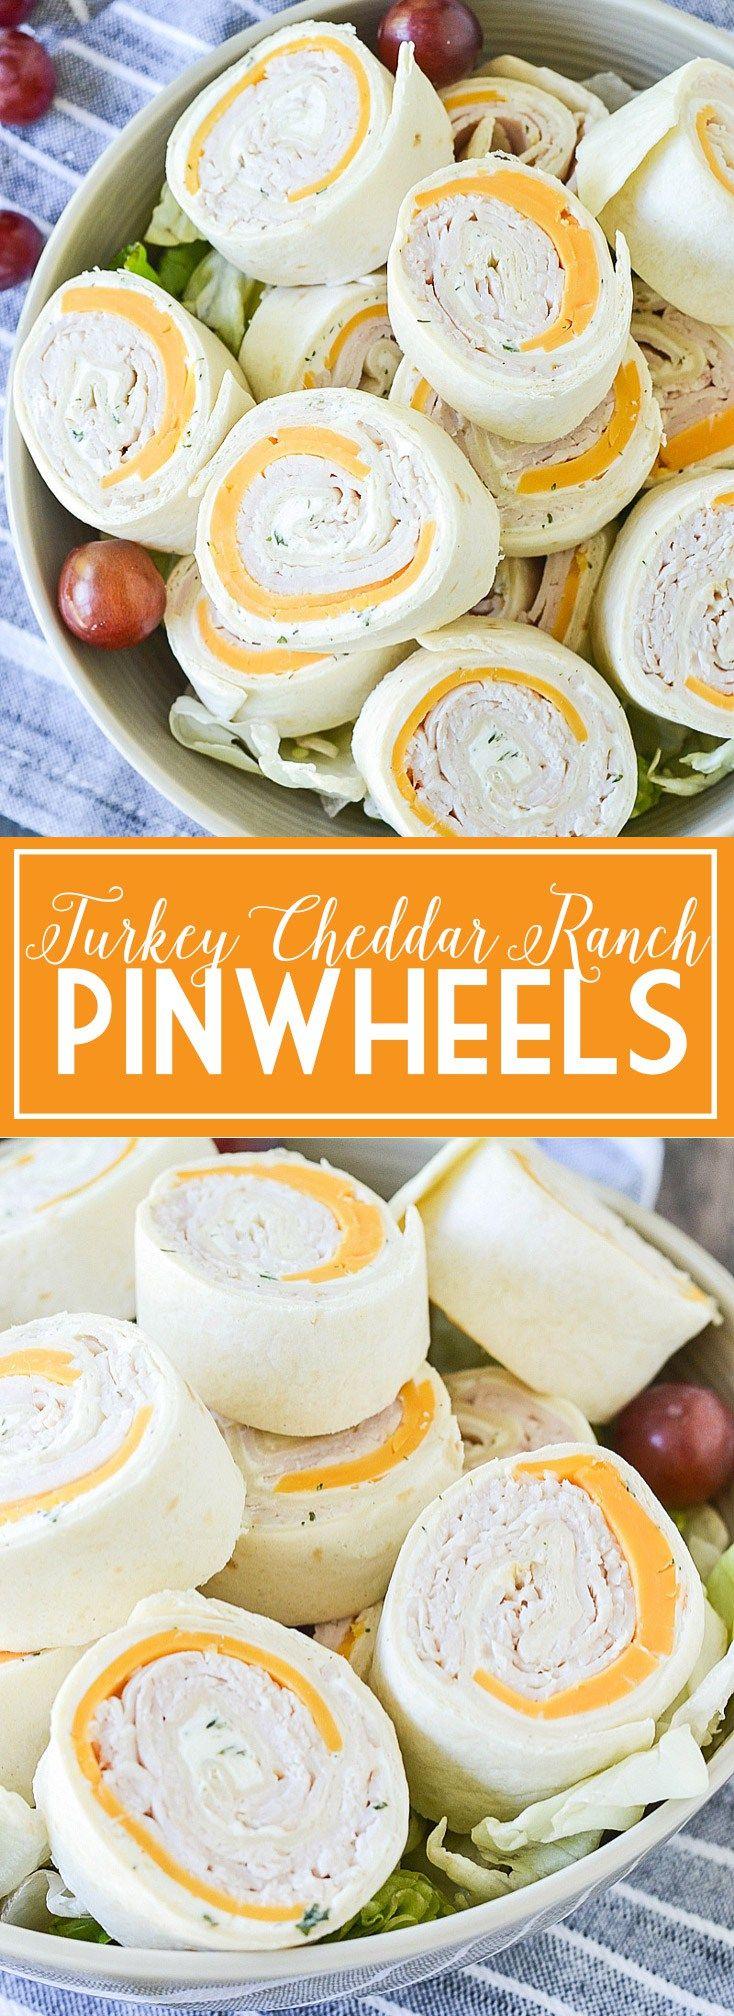 Turkey Cheddar Ranch Pinwheels